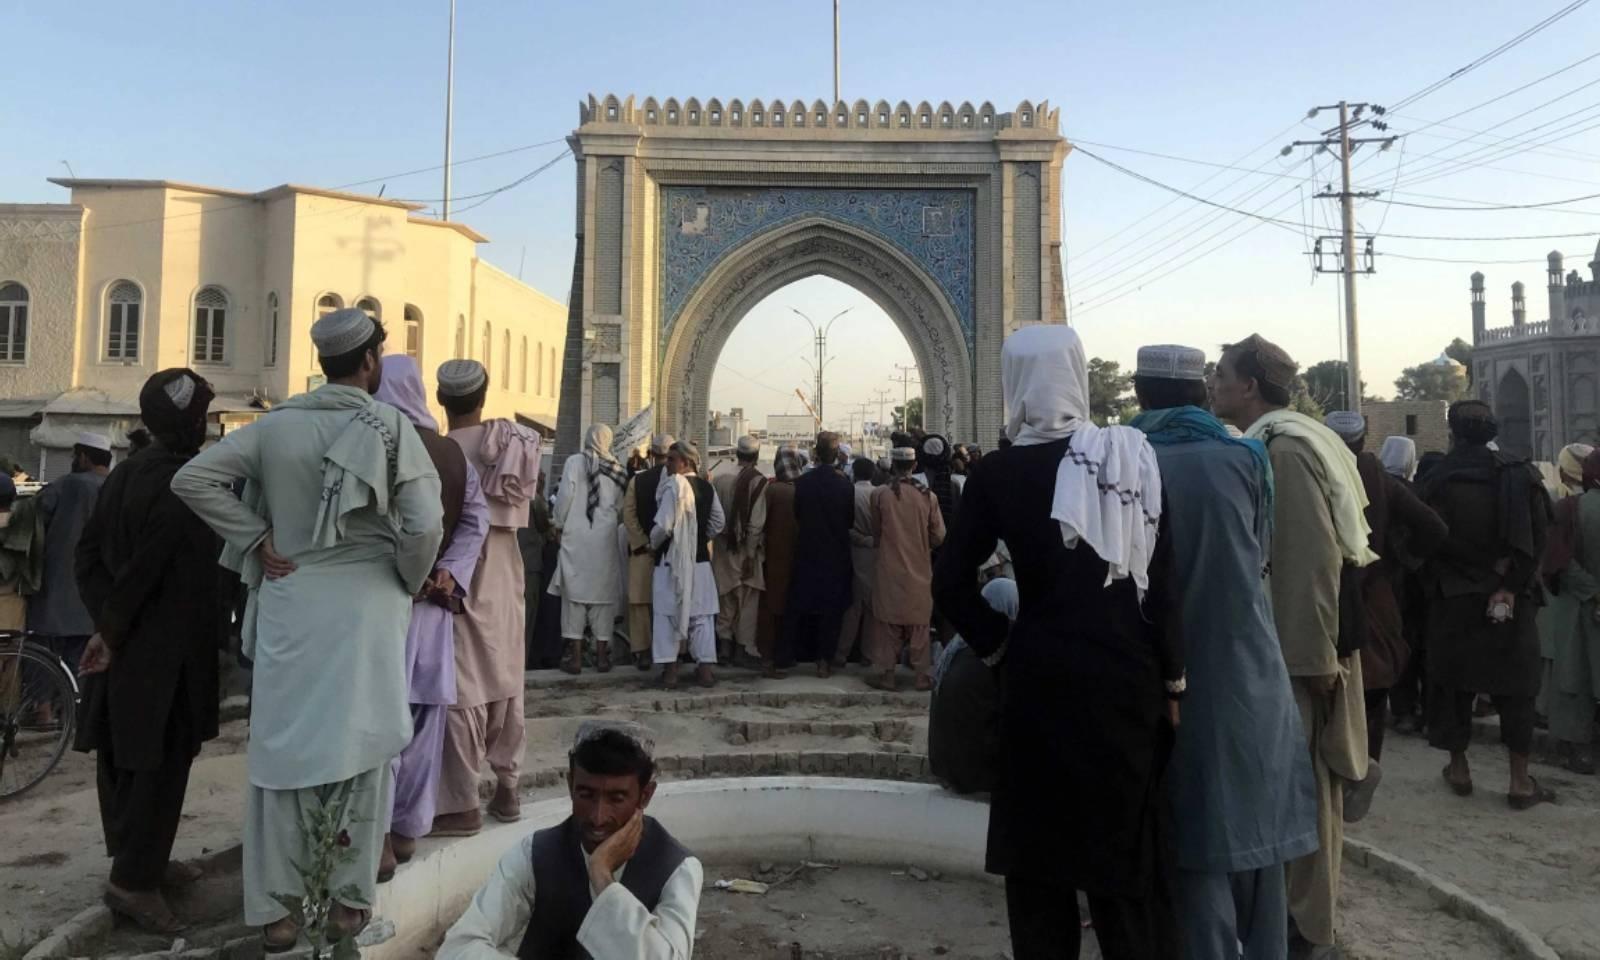 طالبان نے قندھار پر قبضے کے بعد اپنا پرچم لہرادیا —فوٹو: ای پی اے